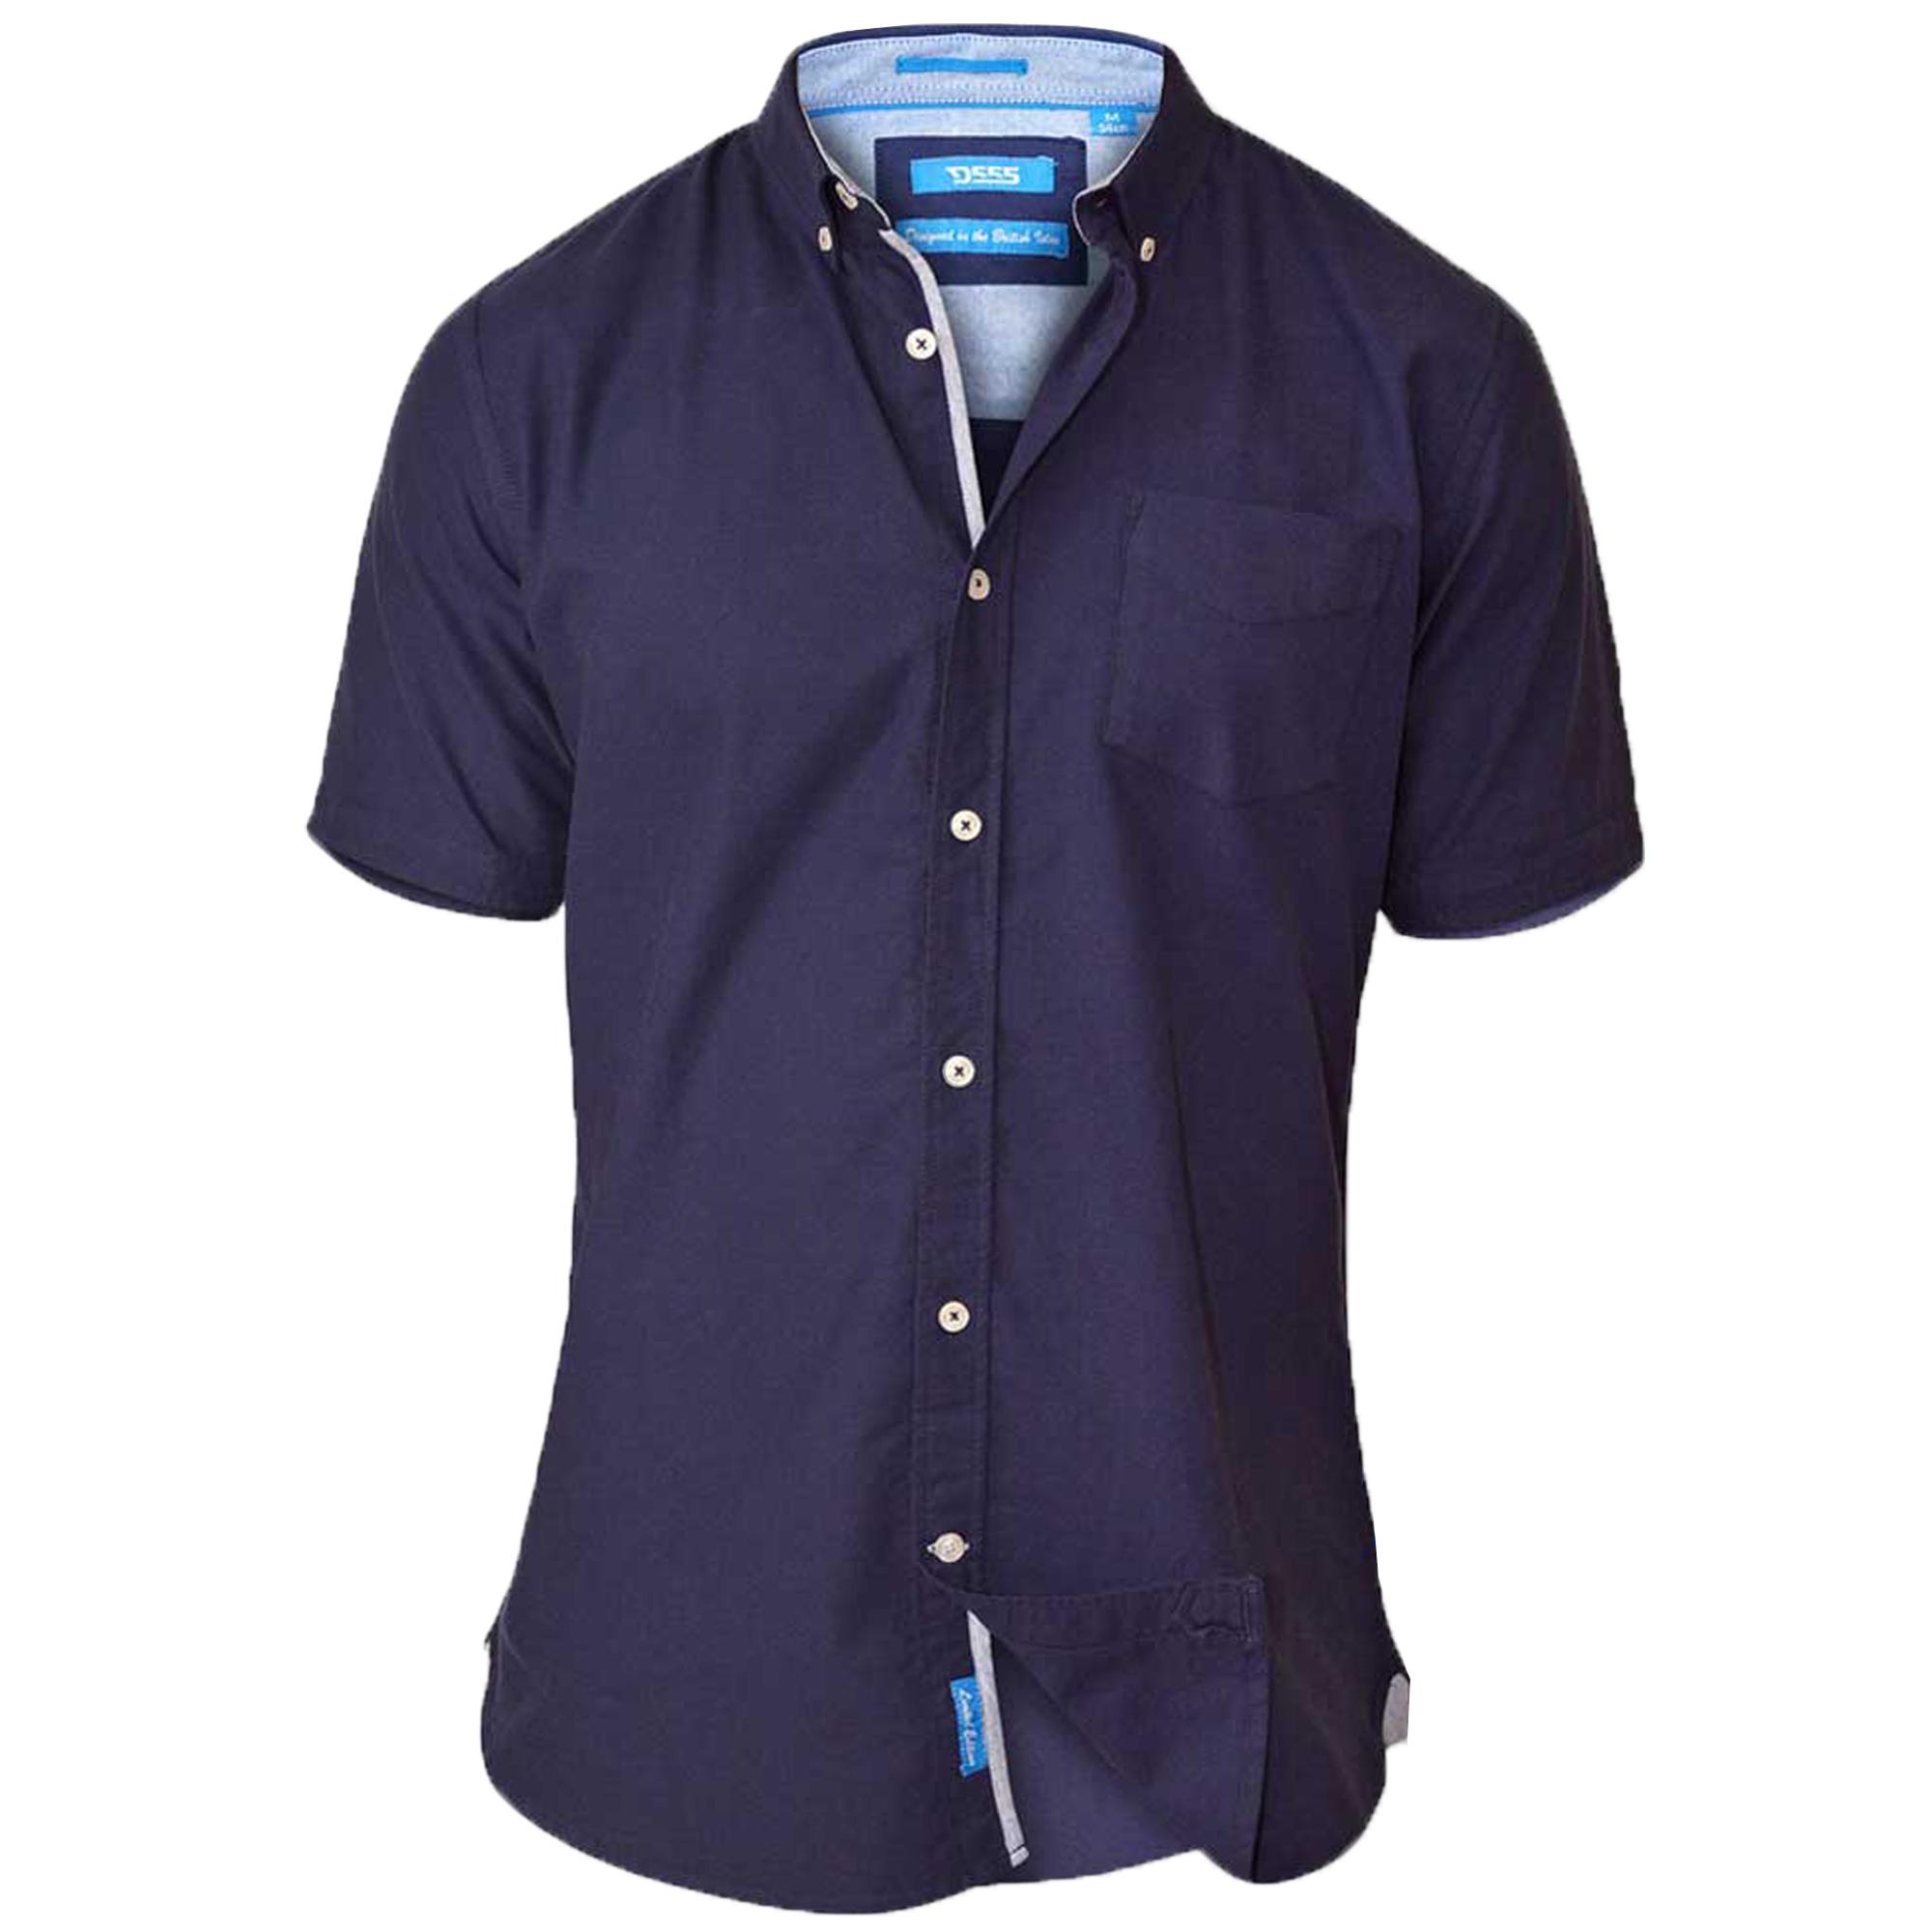 Mens-Cotton-Chambray-Shirt-D555-Duke-Short-Sleeved-Big-King-Size-Casual-Summer thumbnail 4